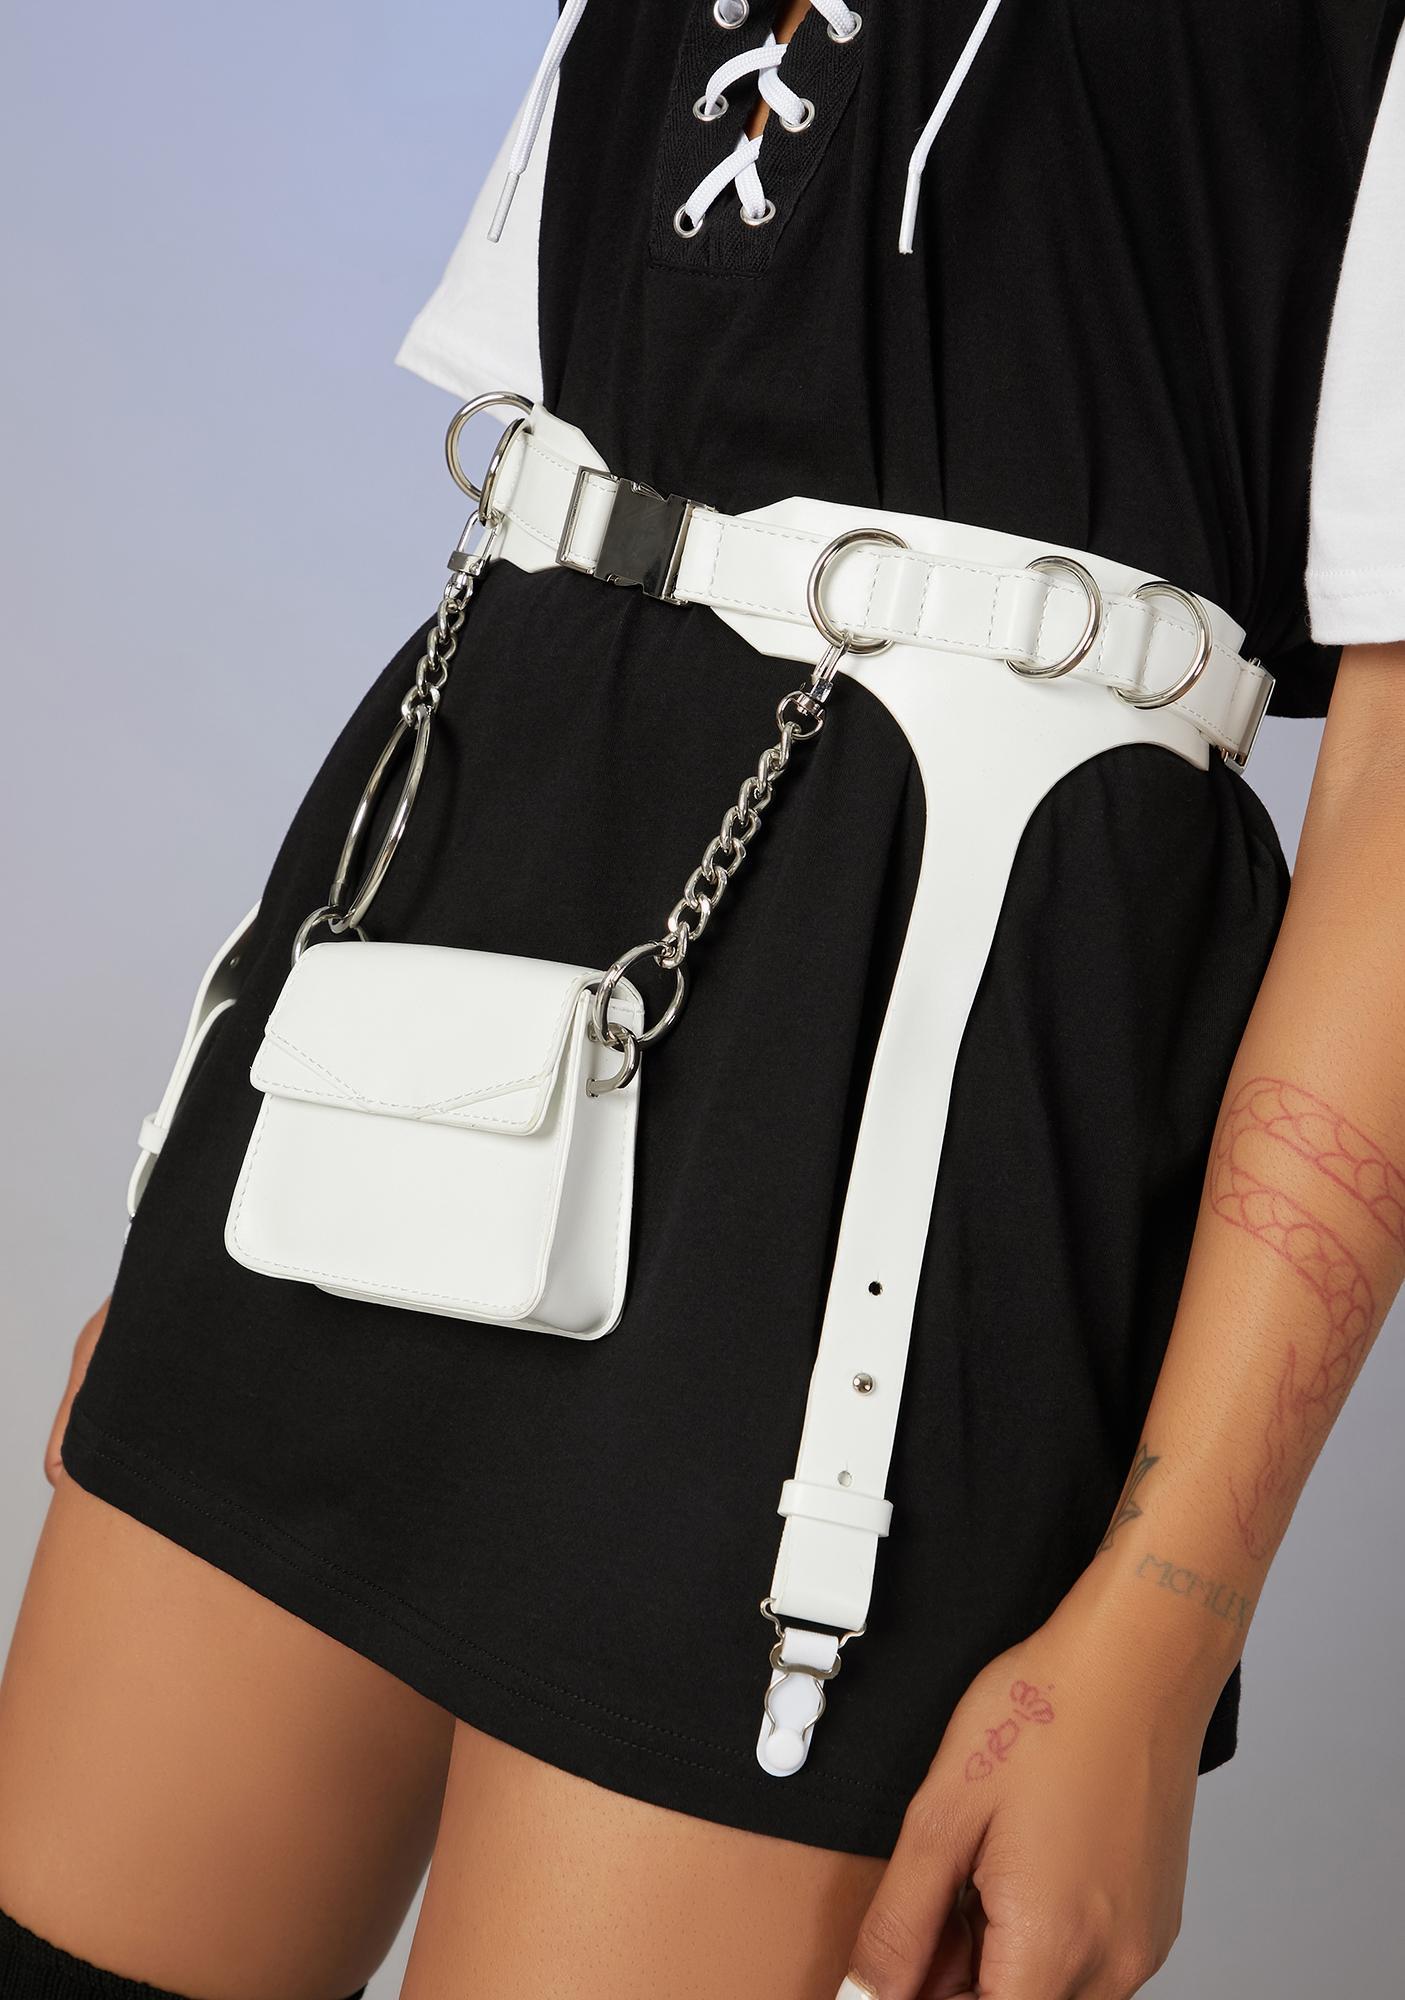 Poster Grl Always Bossy Garter Belt Bag